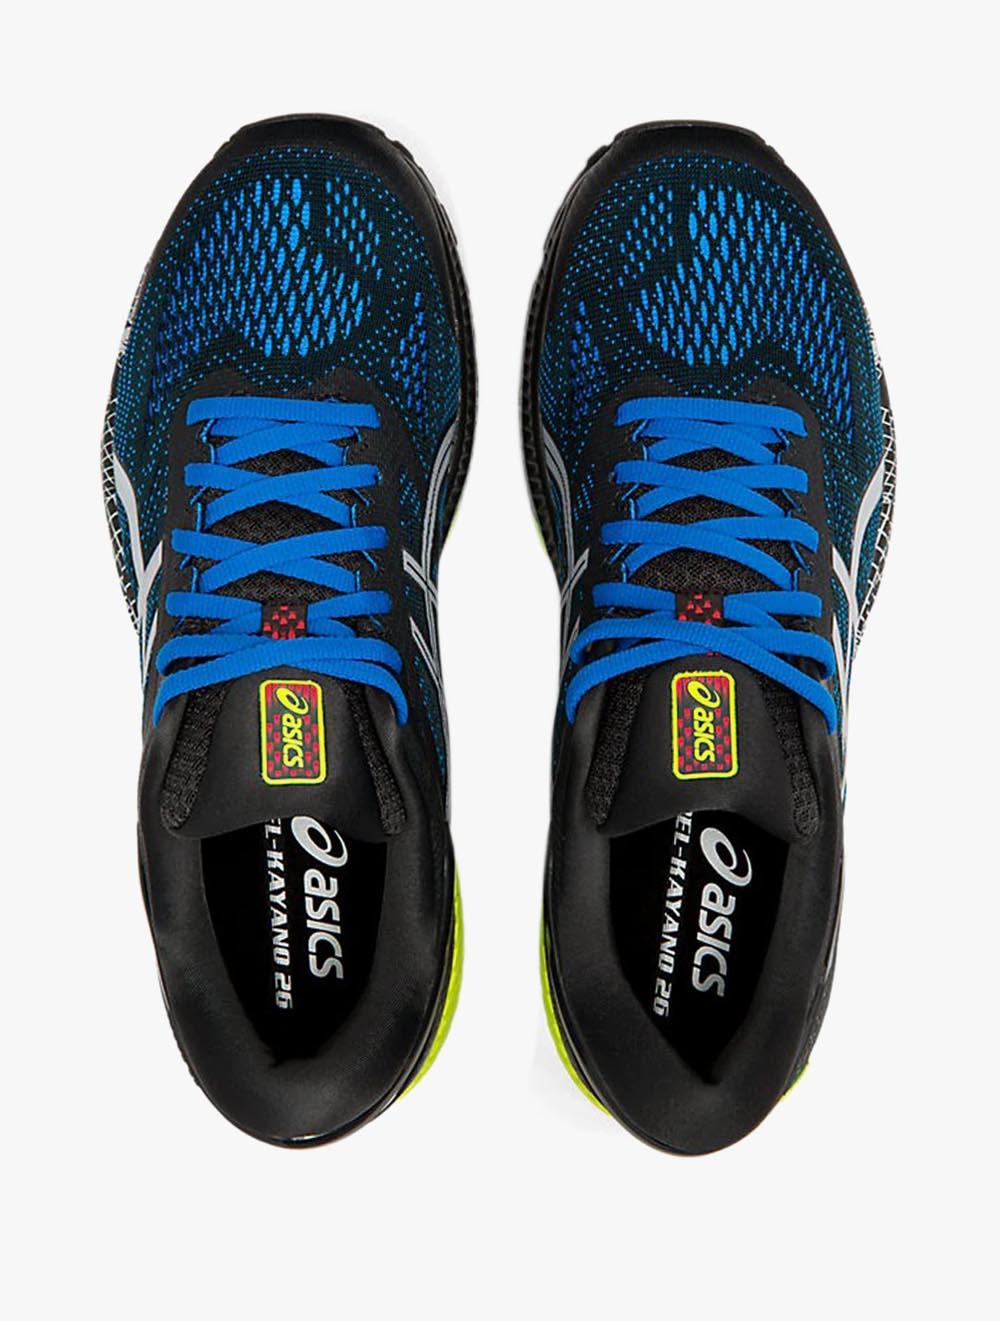 ASICS Gel Kayano 26 LS Men's Running Shoes Grey